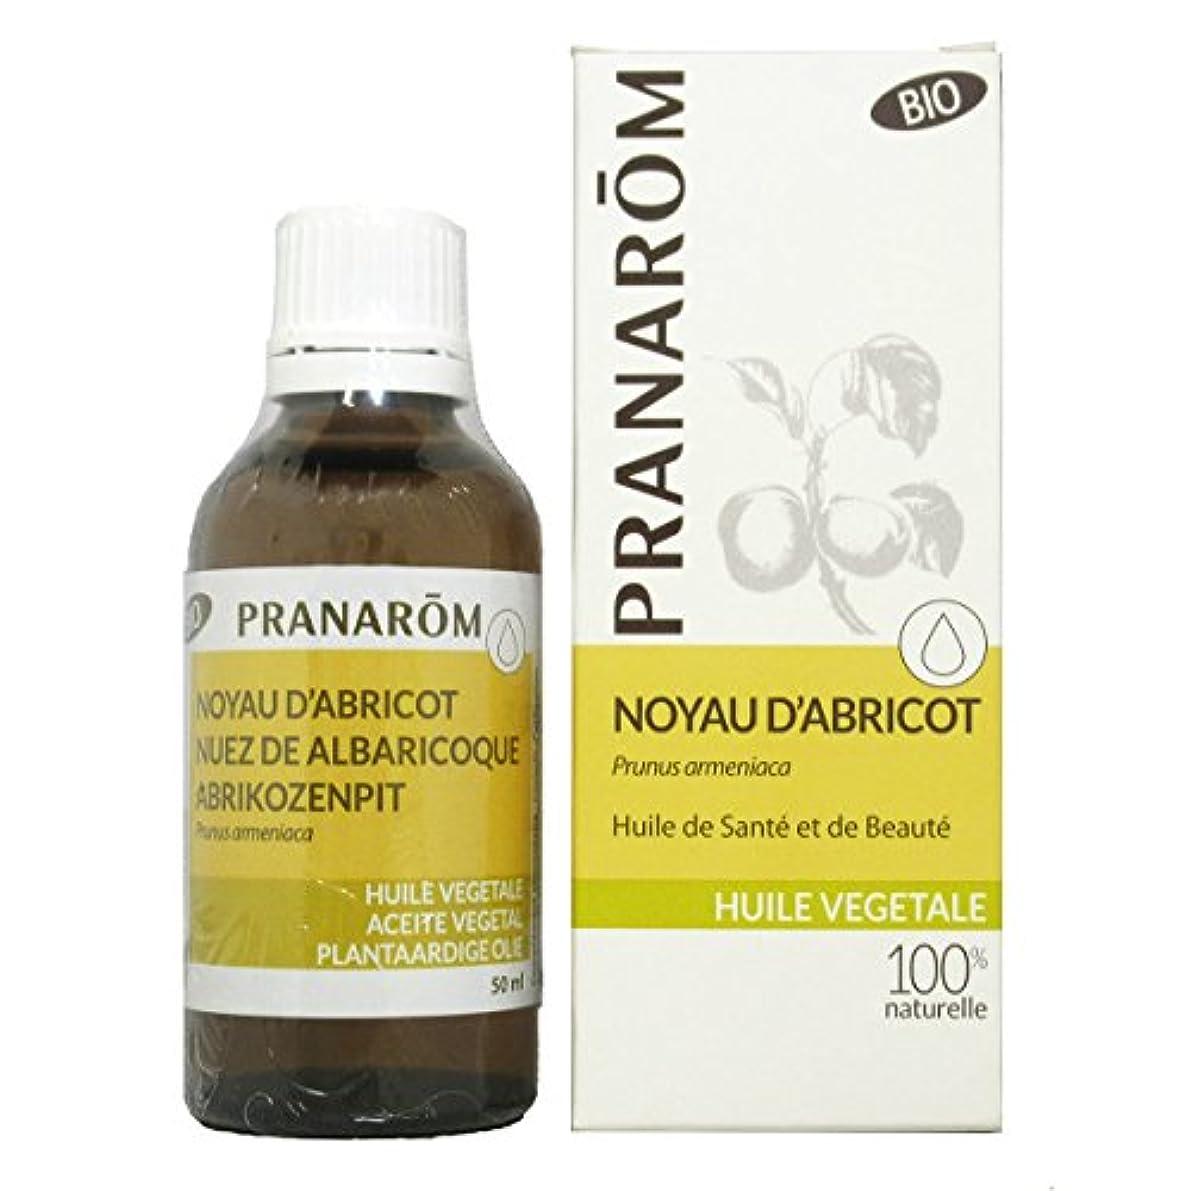 スポンジ食堂失礼なプラナロム アプリコットオイル 50ml (PRANAROM 植物油)